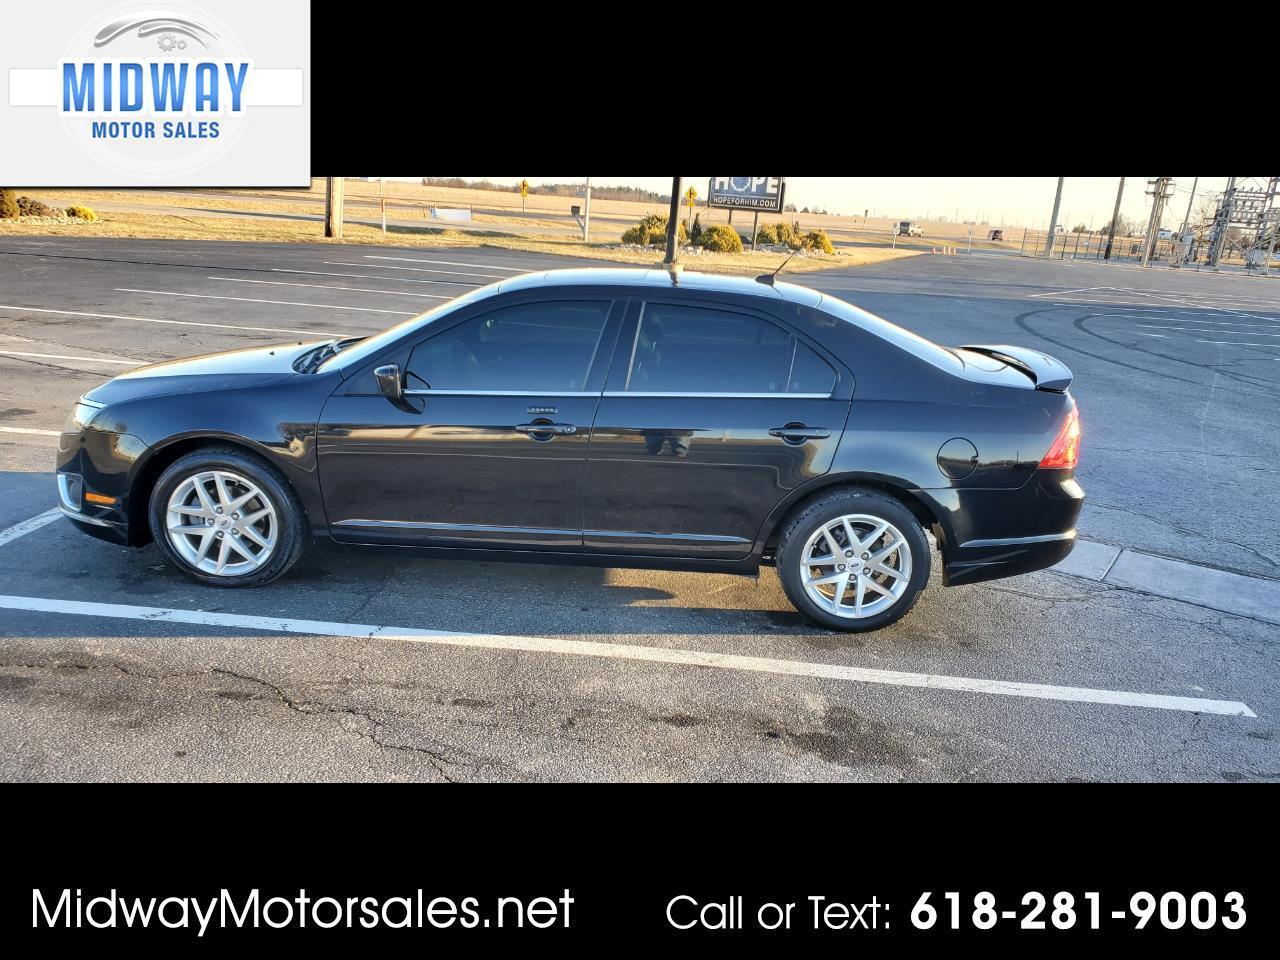 Ford Fusion I4 SEL 2011